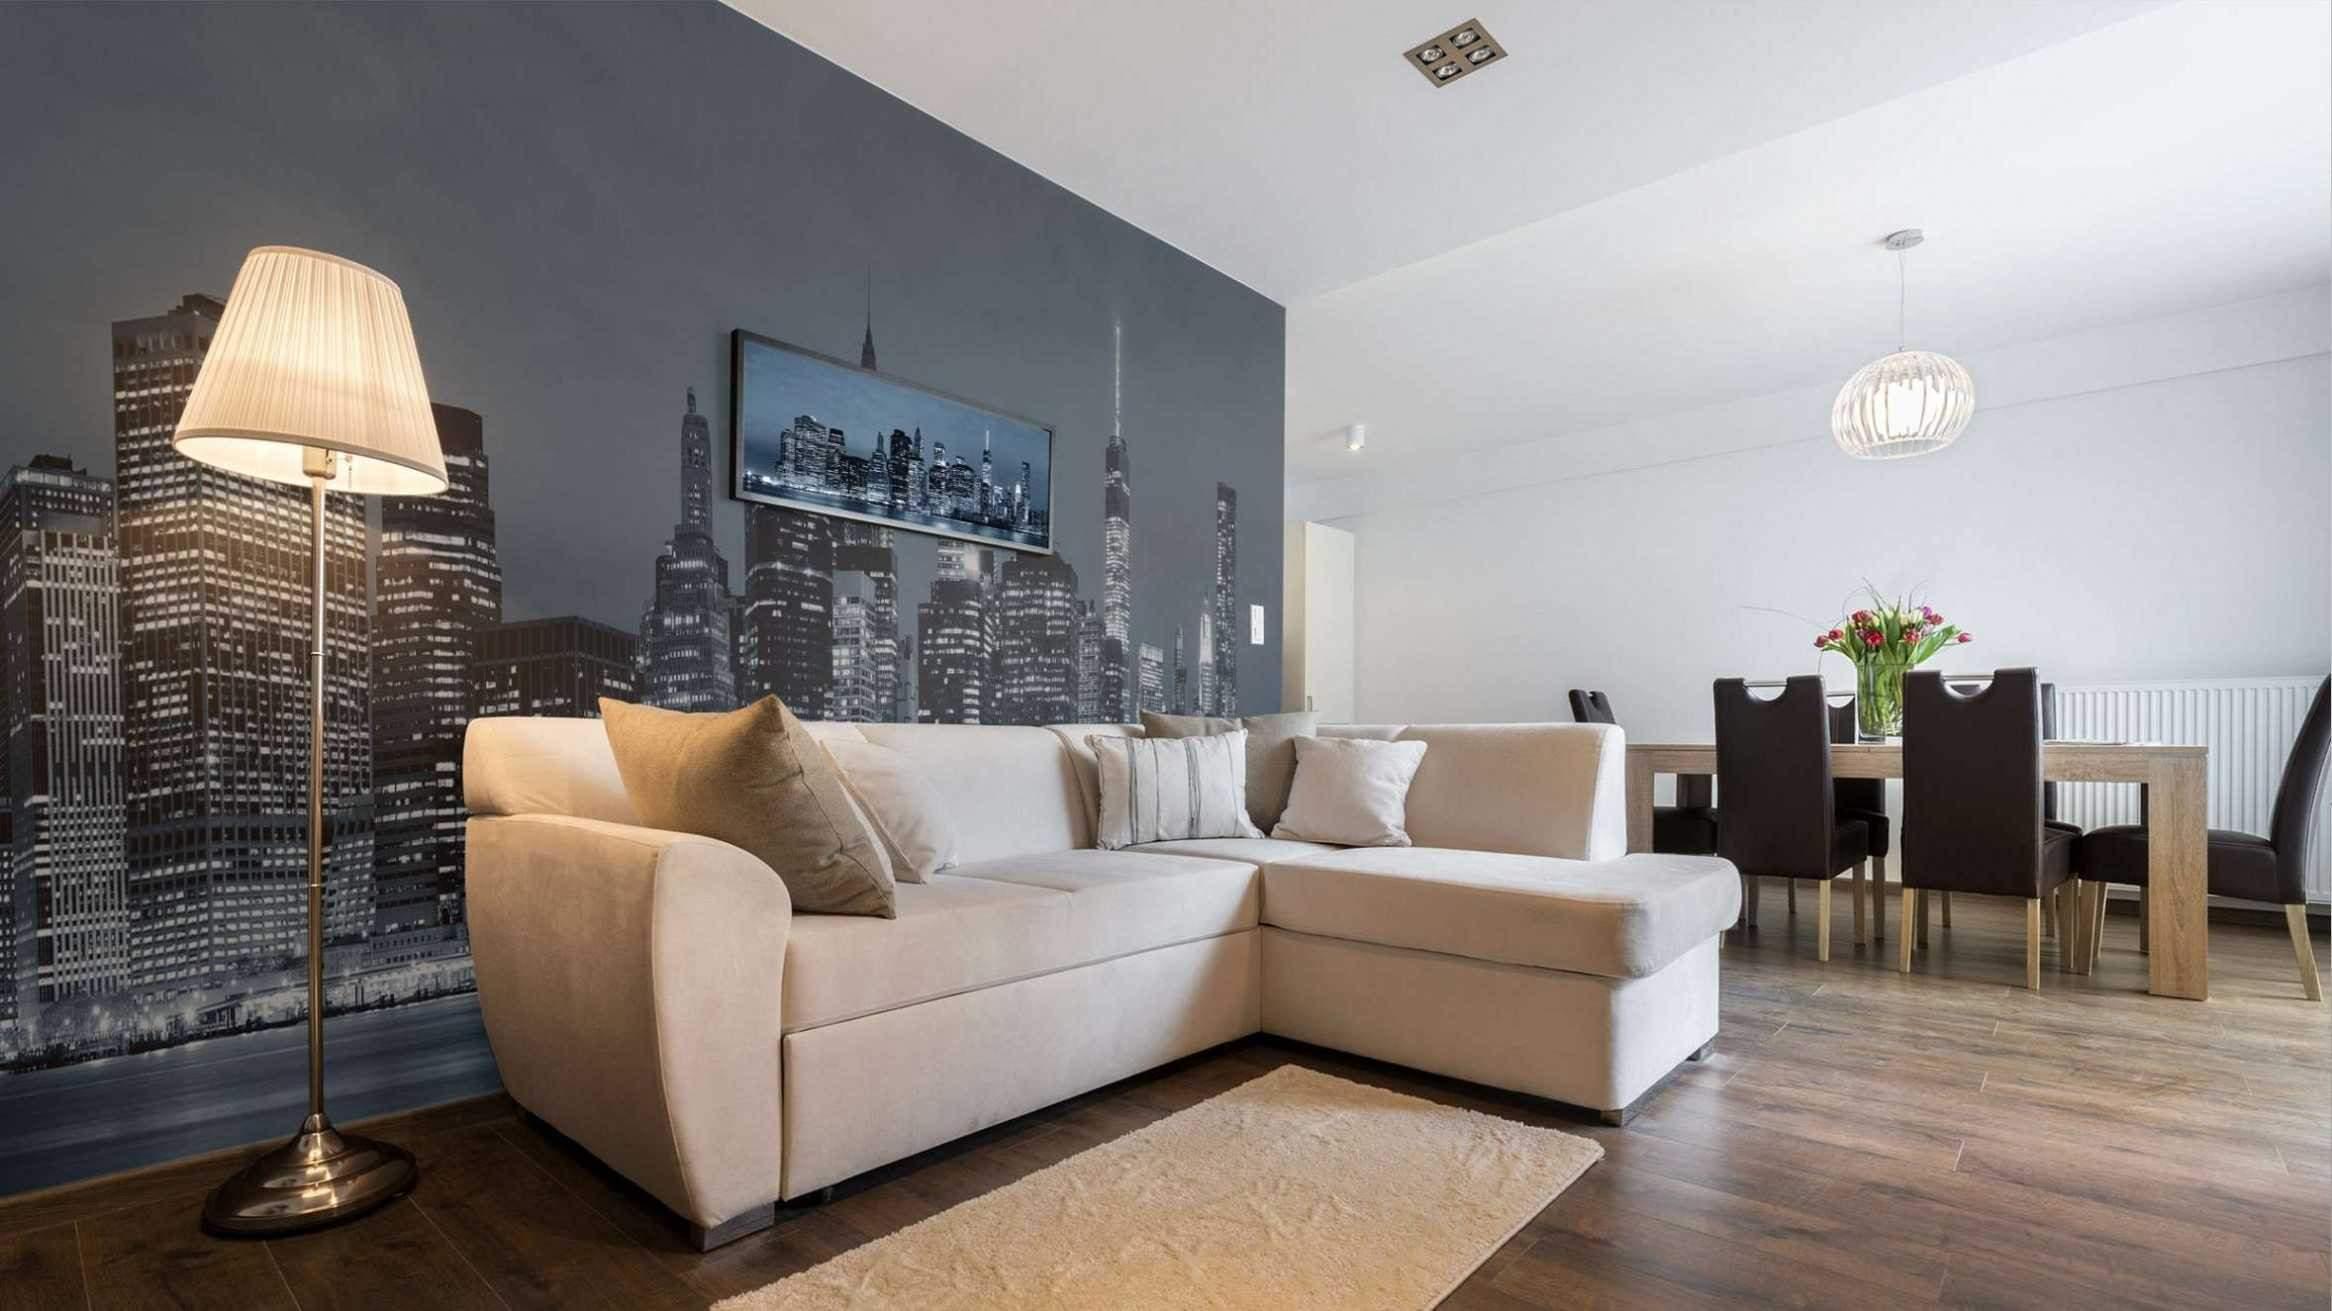 Full Size of Rollo Wohnzimmer Genial 28 Das Beste Von Wandfarbe Wohnzimmer Genial Wohnzimmer Rollo Wohnzimmer